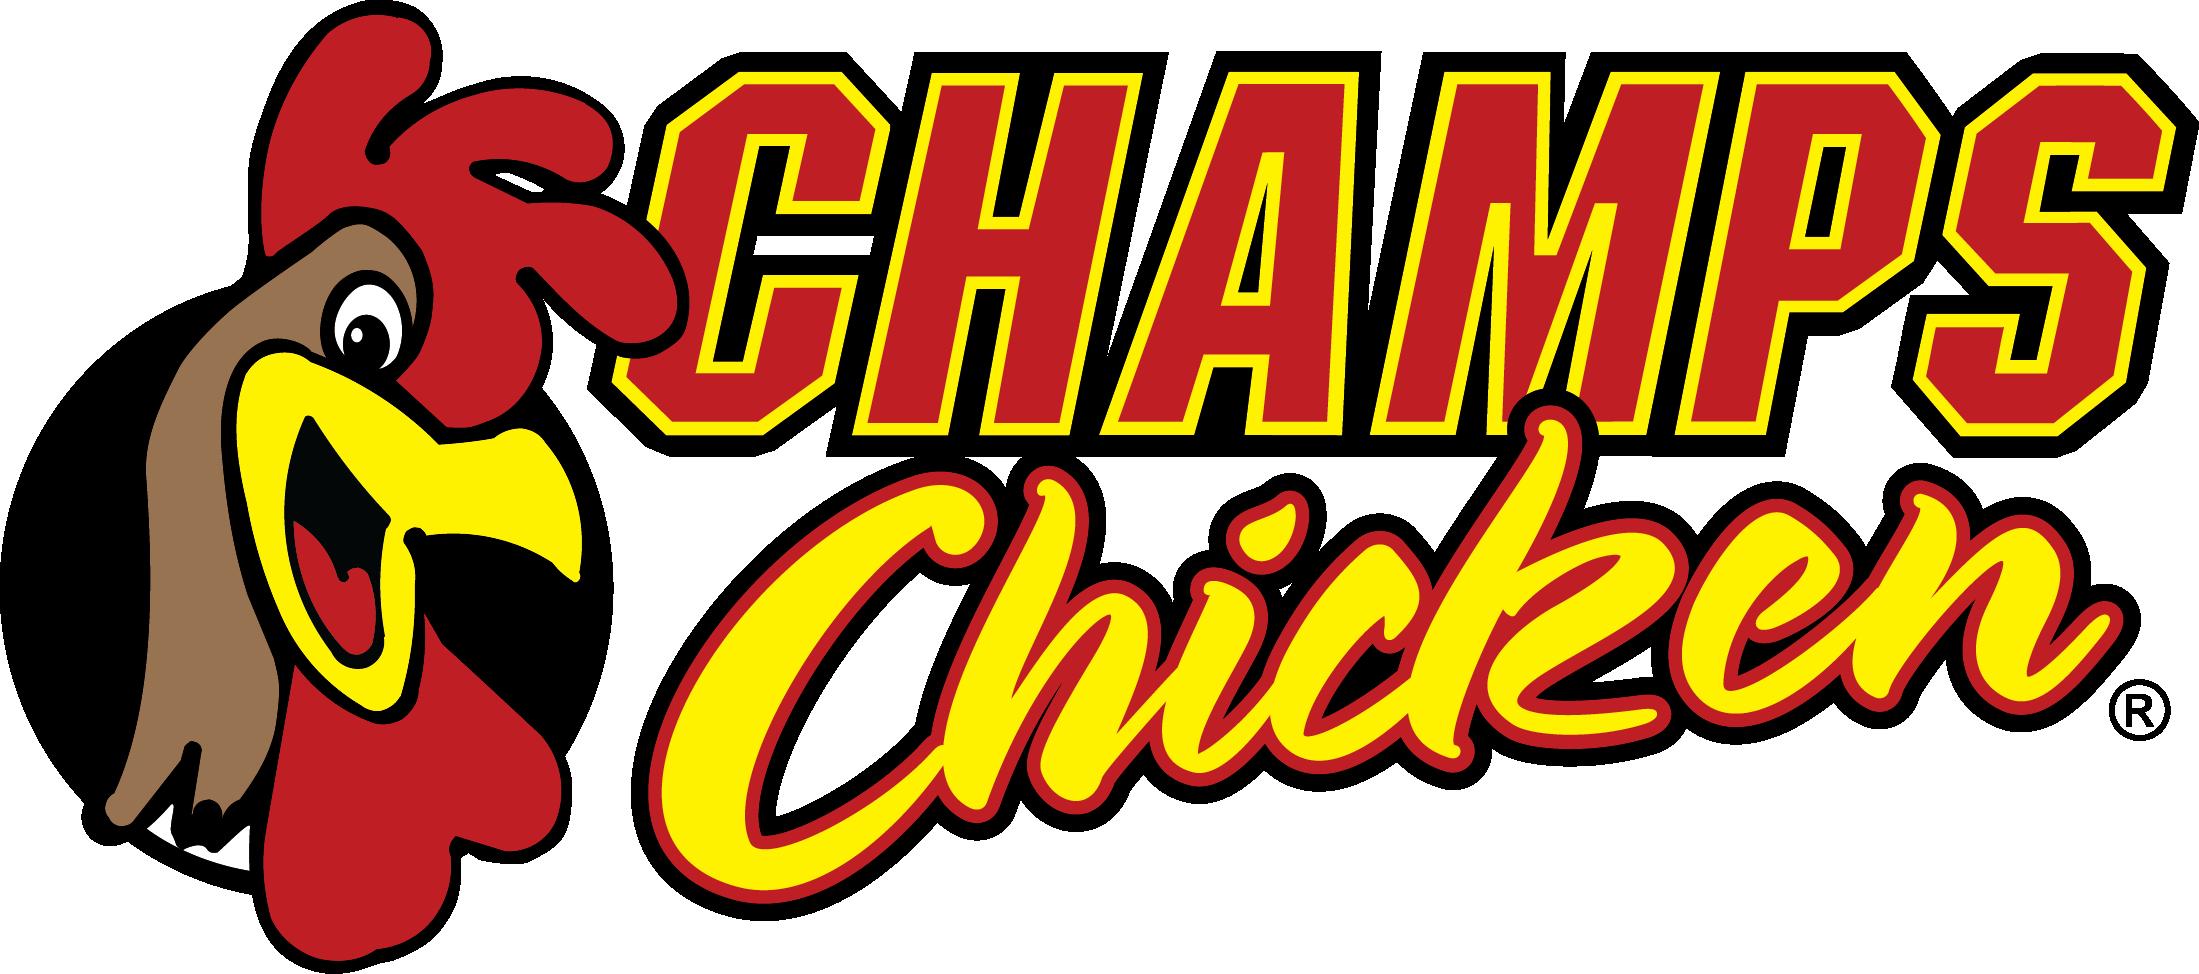 Champs-Chicken-Logo